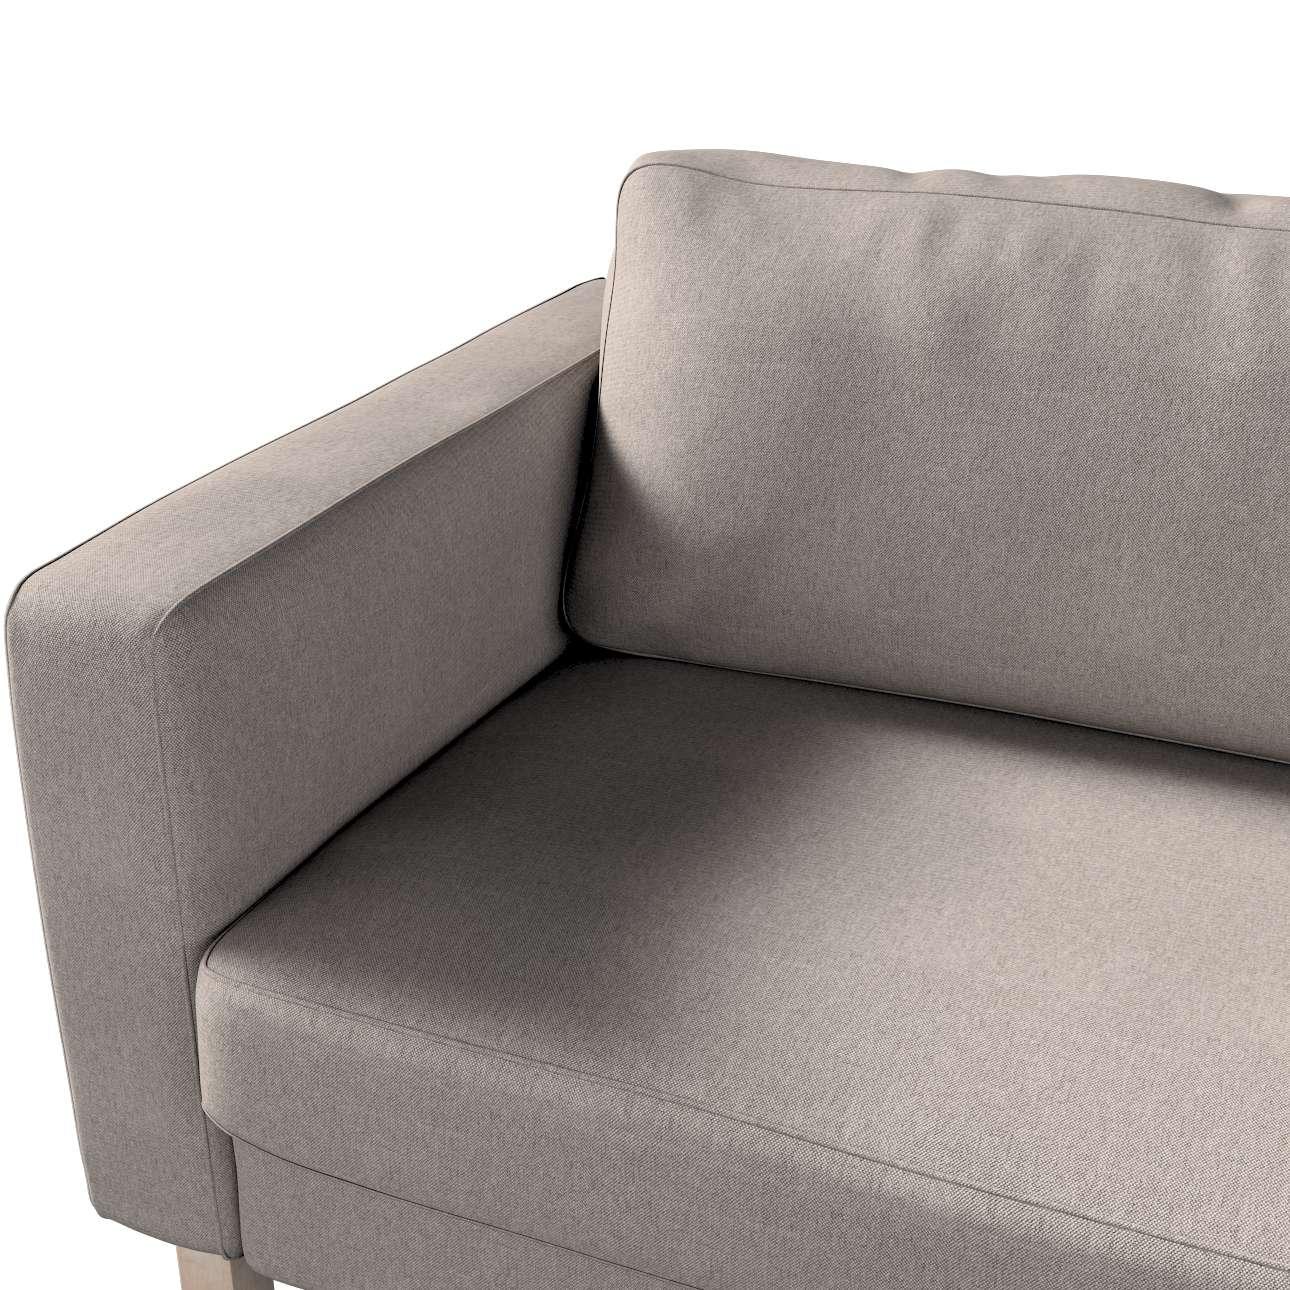 Pokrowiec na sofę Karlstad 3-osobową nierozkładaną, krótki w kolekcji Etna, tkanina: 705-09